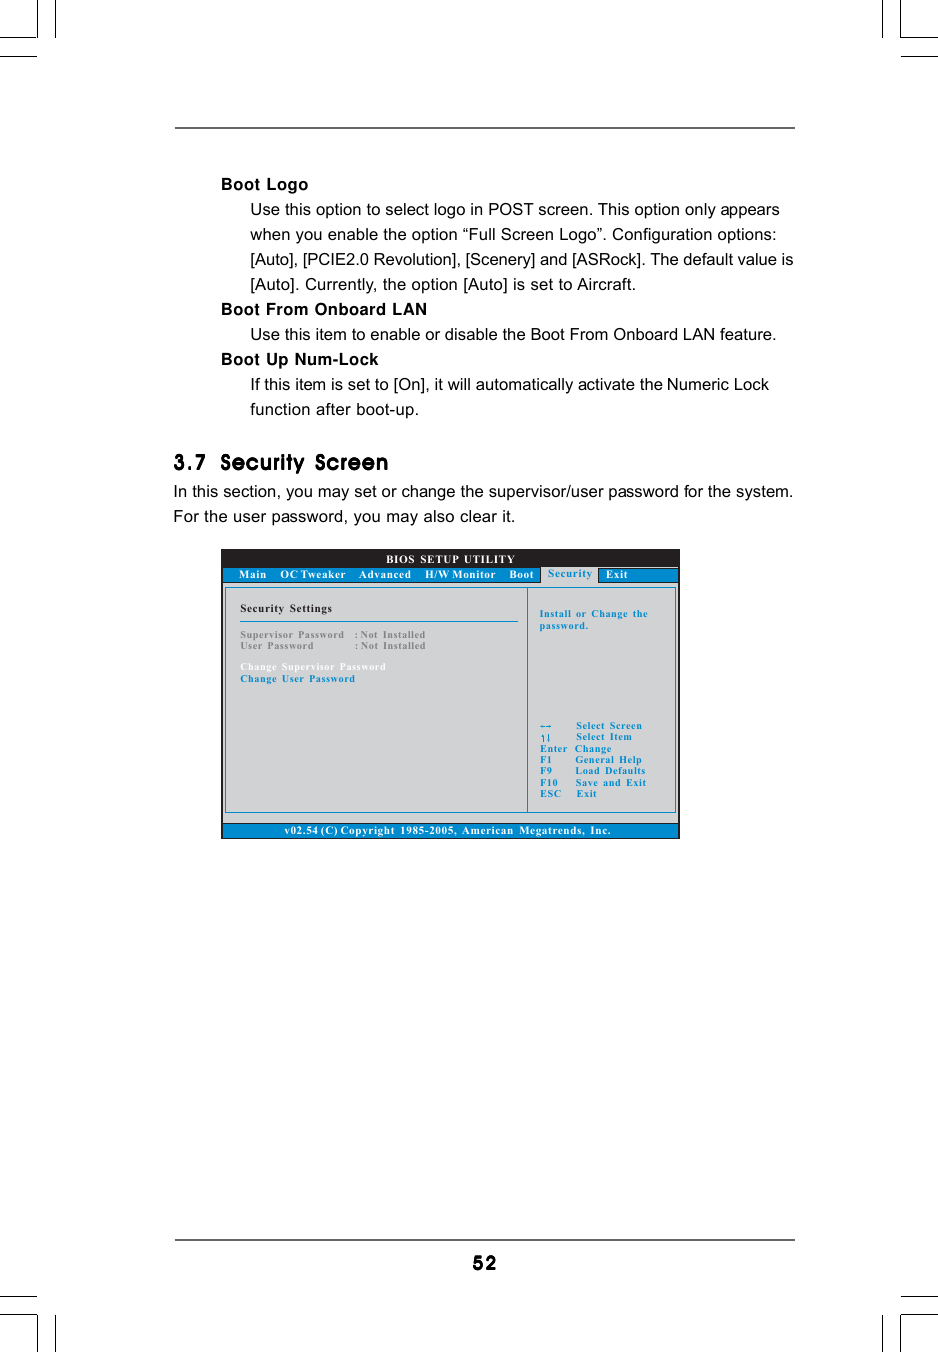 Asrock M3N78D Fx Owner S Manual FX_UM p65